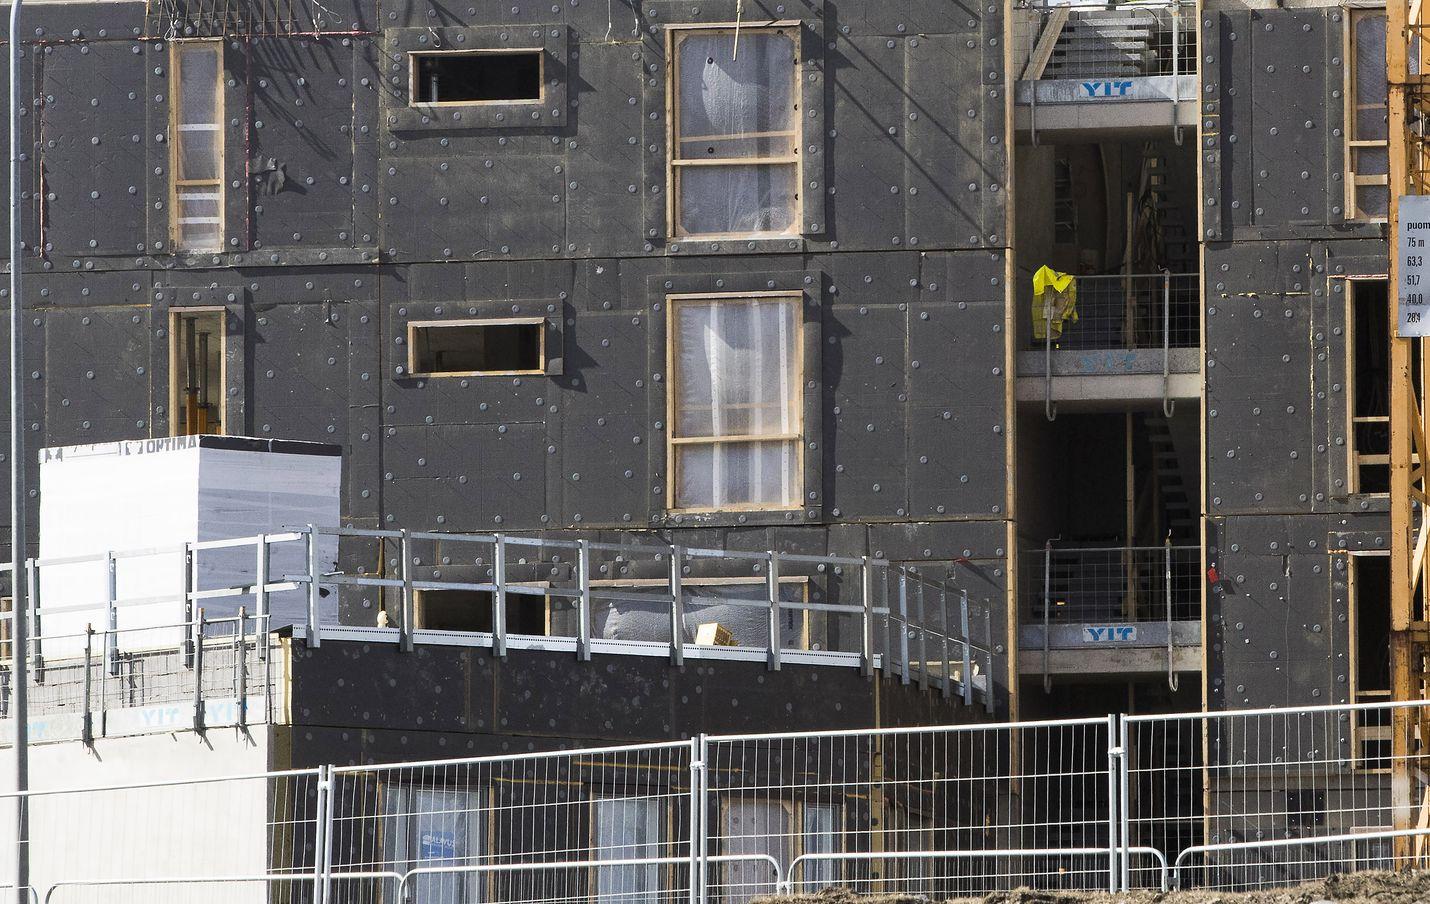 Asuntoja valmistuu nyt enemmän kuin 27 vuoteen. Ilman rakennusbuumia asuntojen hinnat olisivat nousseet kasvukaupungeissa huomattavasti nykyistä enemmän. Arkistokuva.